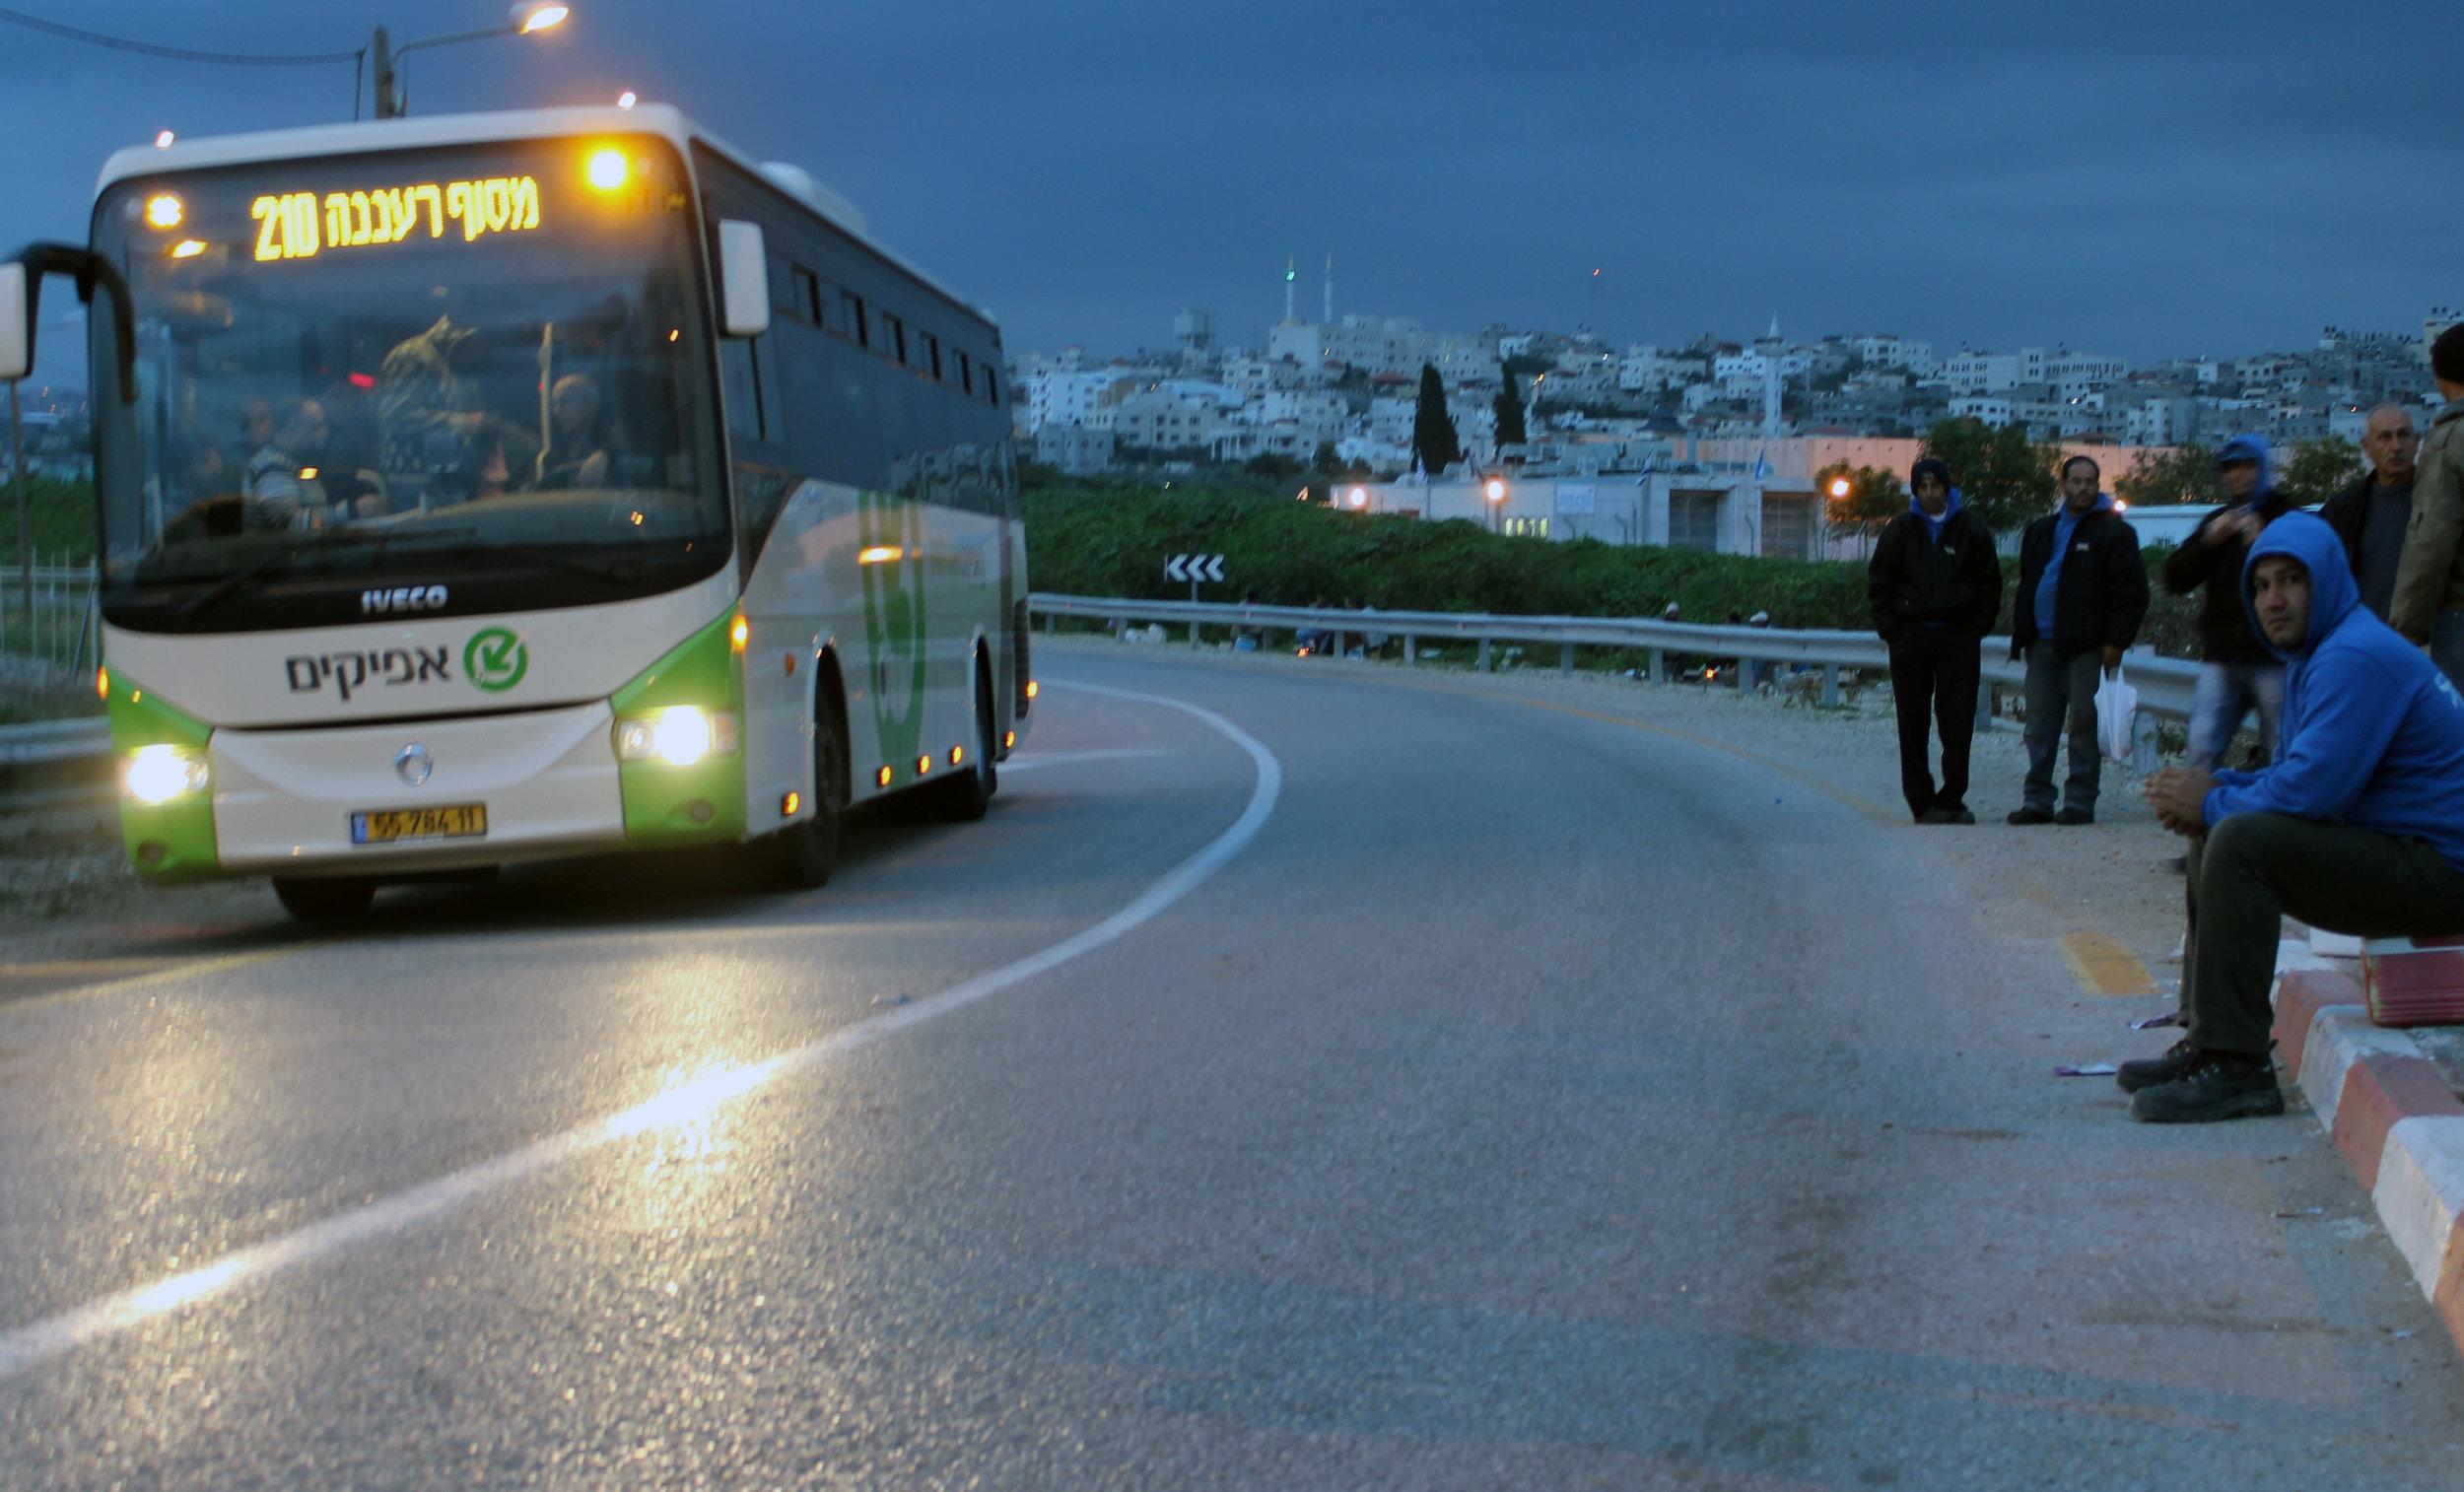 20130305 - Palestinian worker wait for bus2.jpg